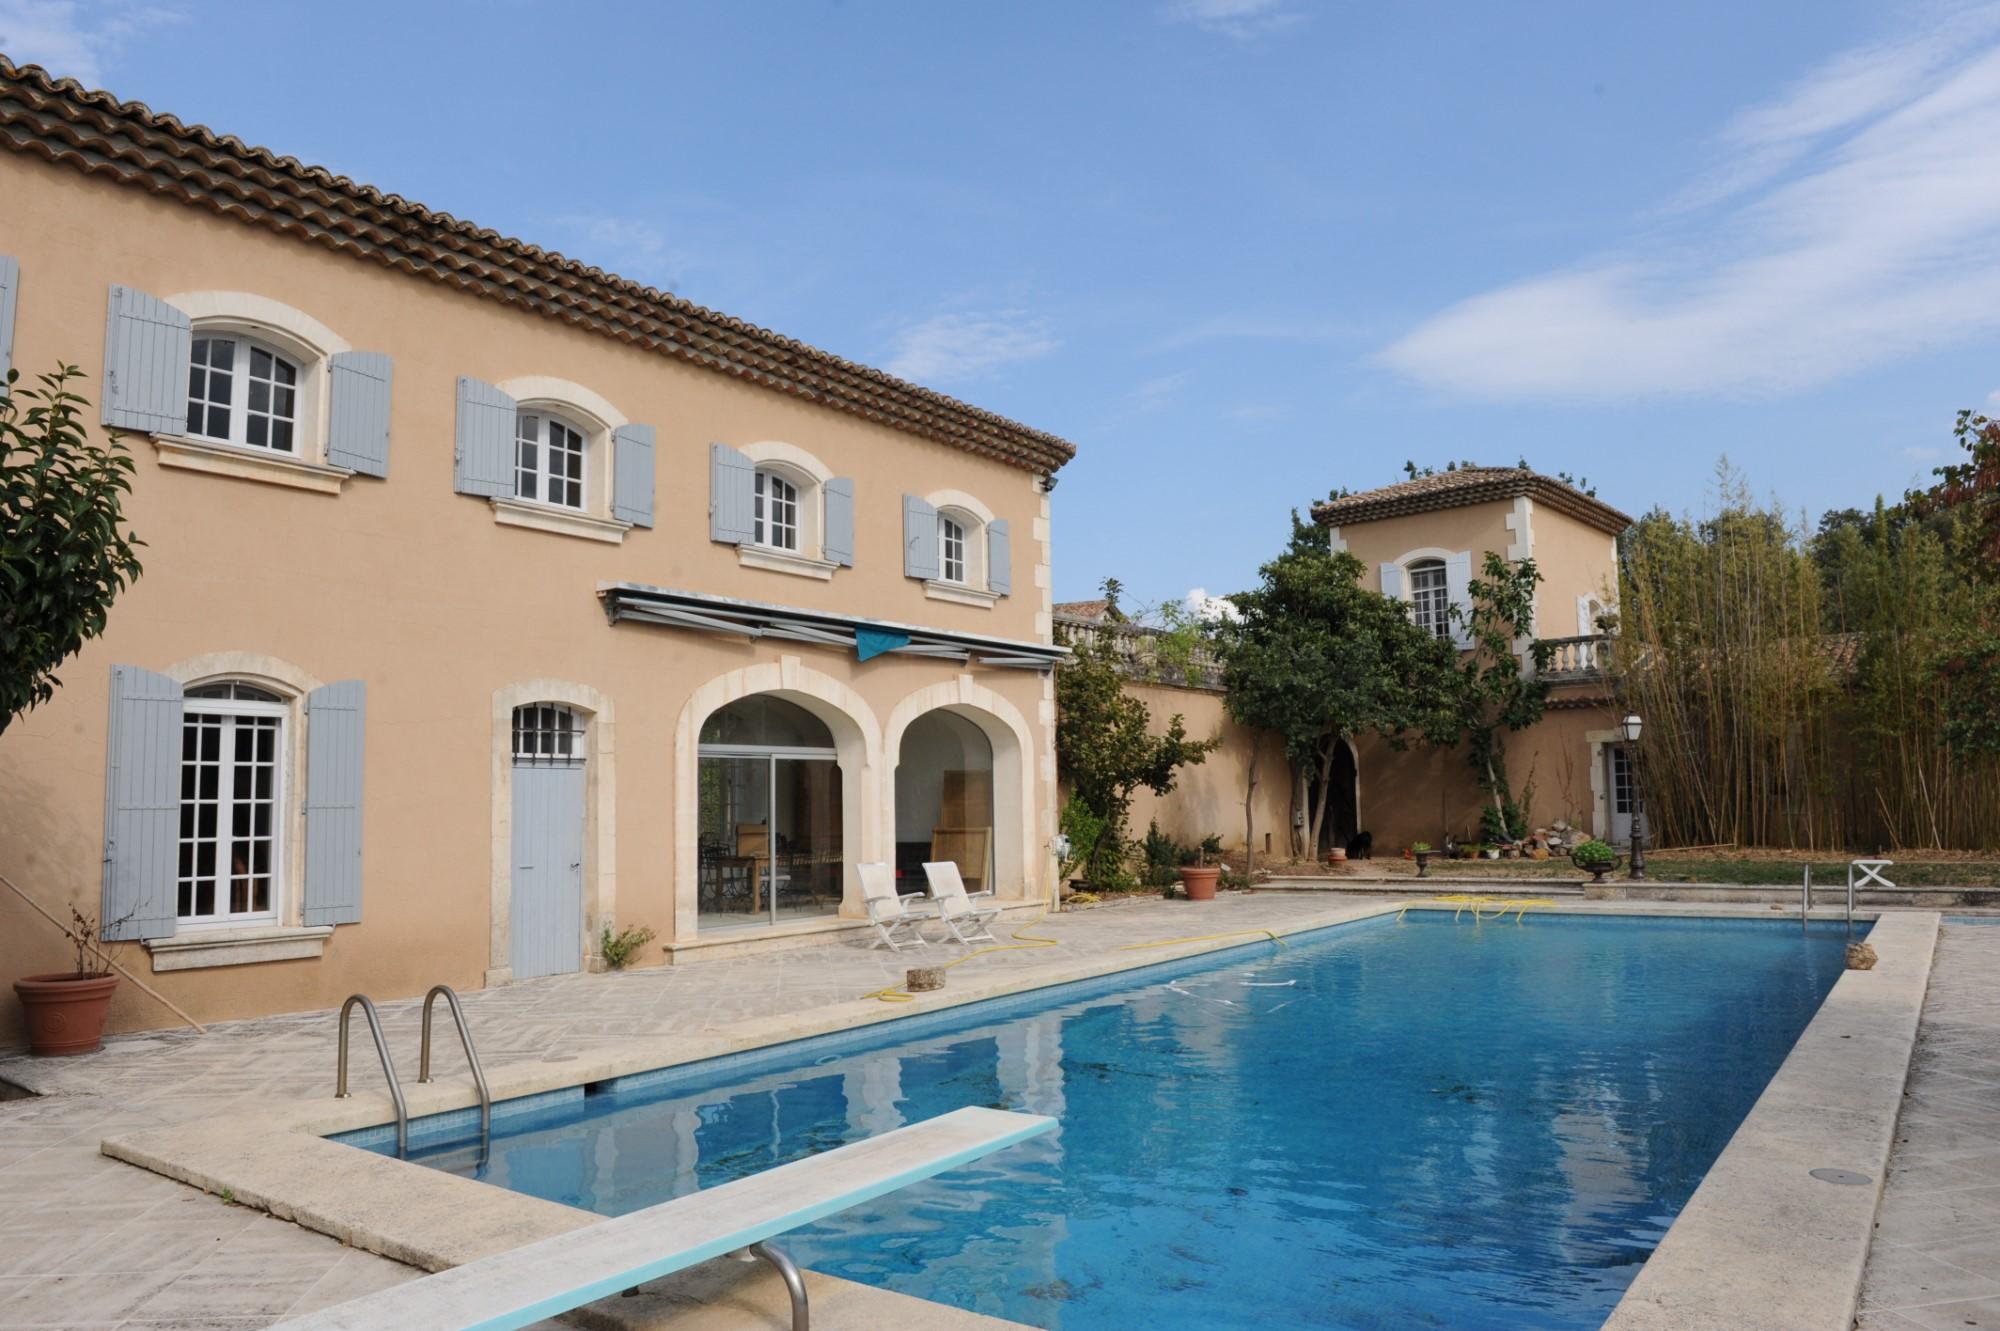 Propriété viticole avec piscine en Luberon